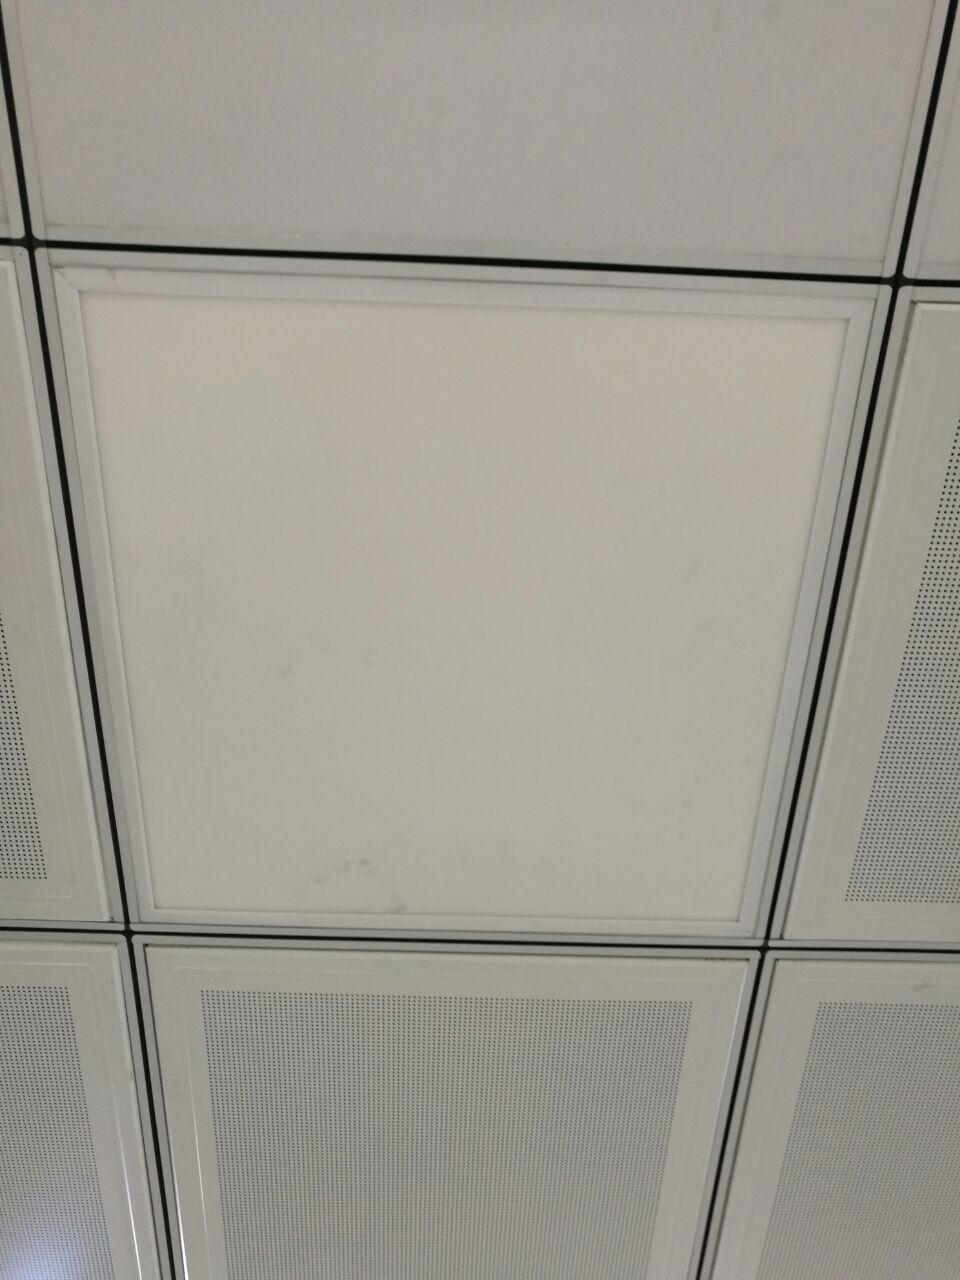 لجميع أنواع الجبس والإضاءة والأسقف المستعارة. مؤسسة المؤسس الواثق 0556521144